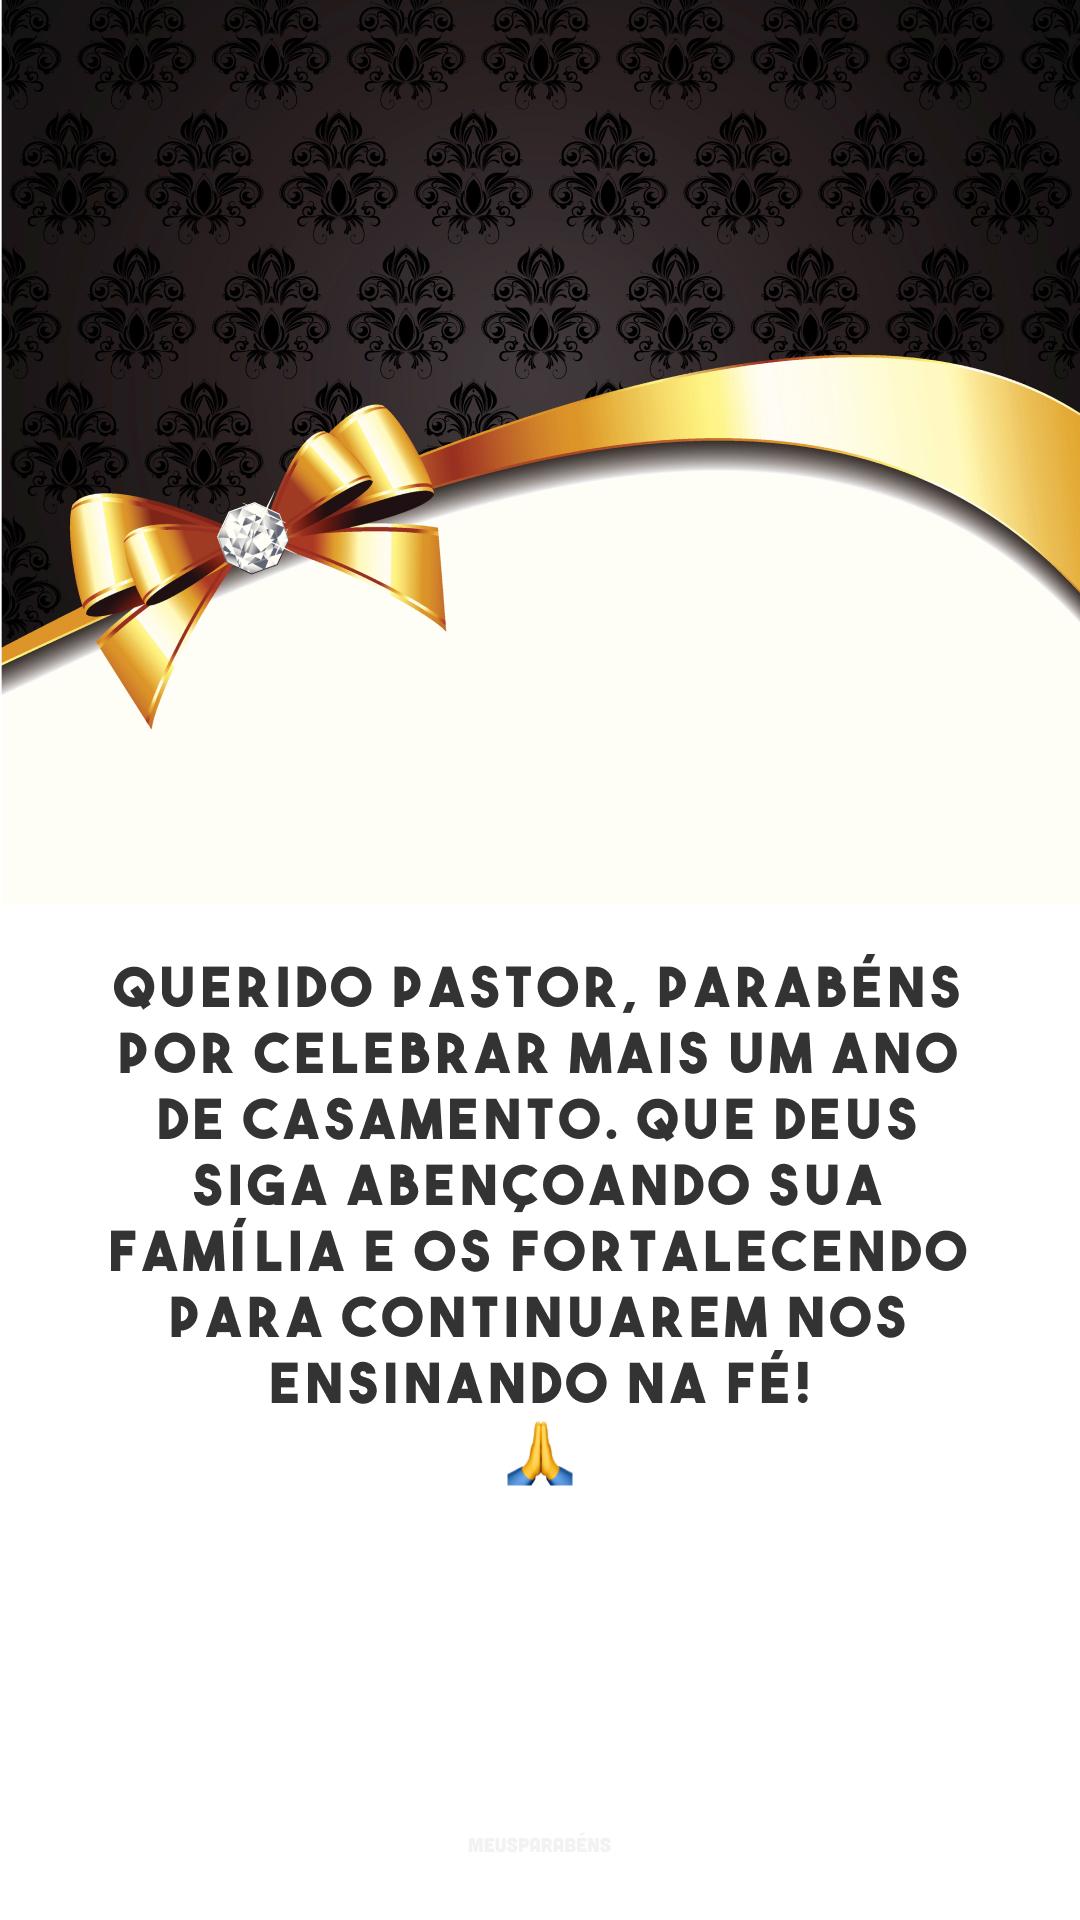 Querido pastor, parabéns por celebrar mais um ano de casamento. Que Deus siga abençoando sua família e os fortalecendo para continuarem nos ensinando na fé! 🙏